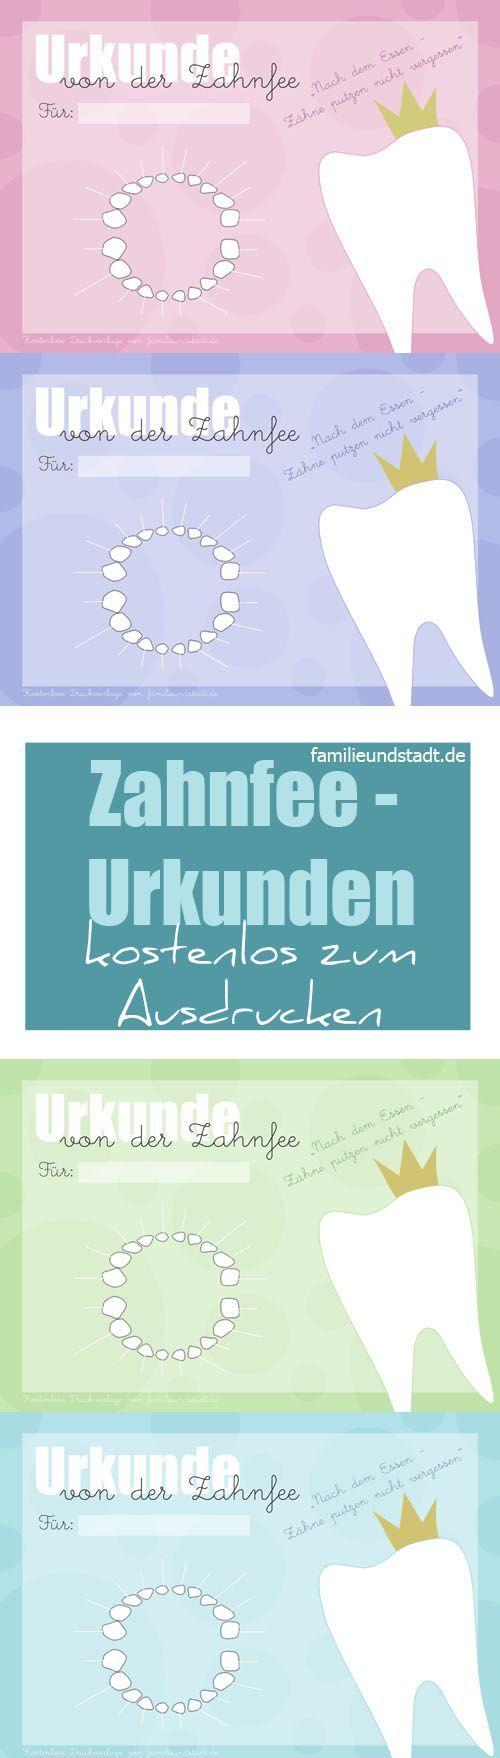 Ausgezeichnet Zahnfee Zertifikat Vorlage Ideen - Entry Level Resume ...